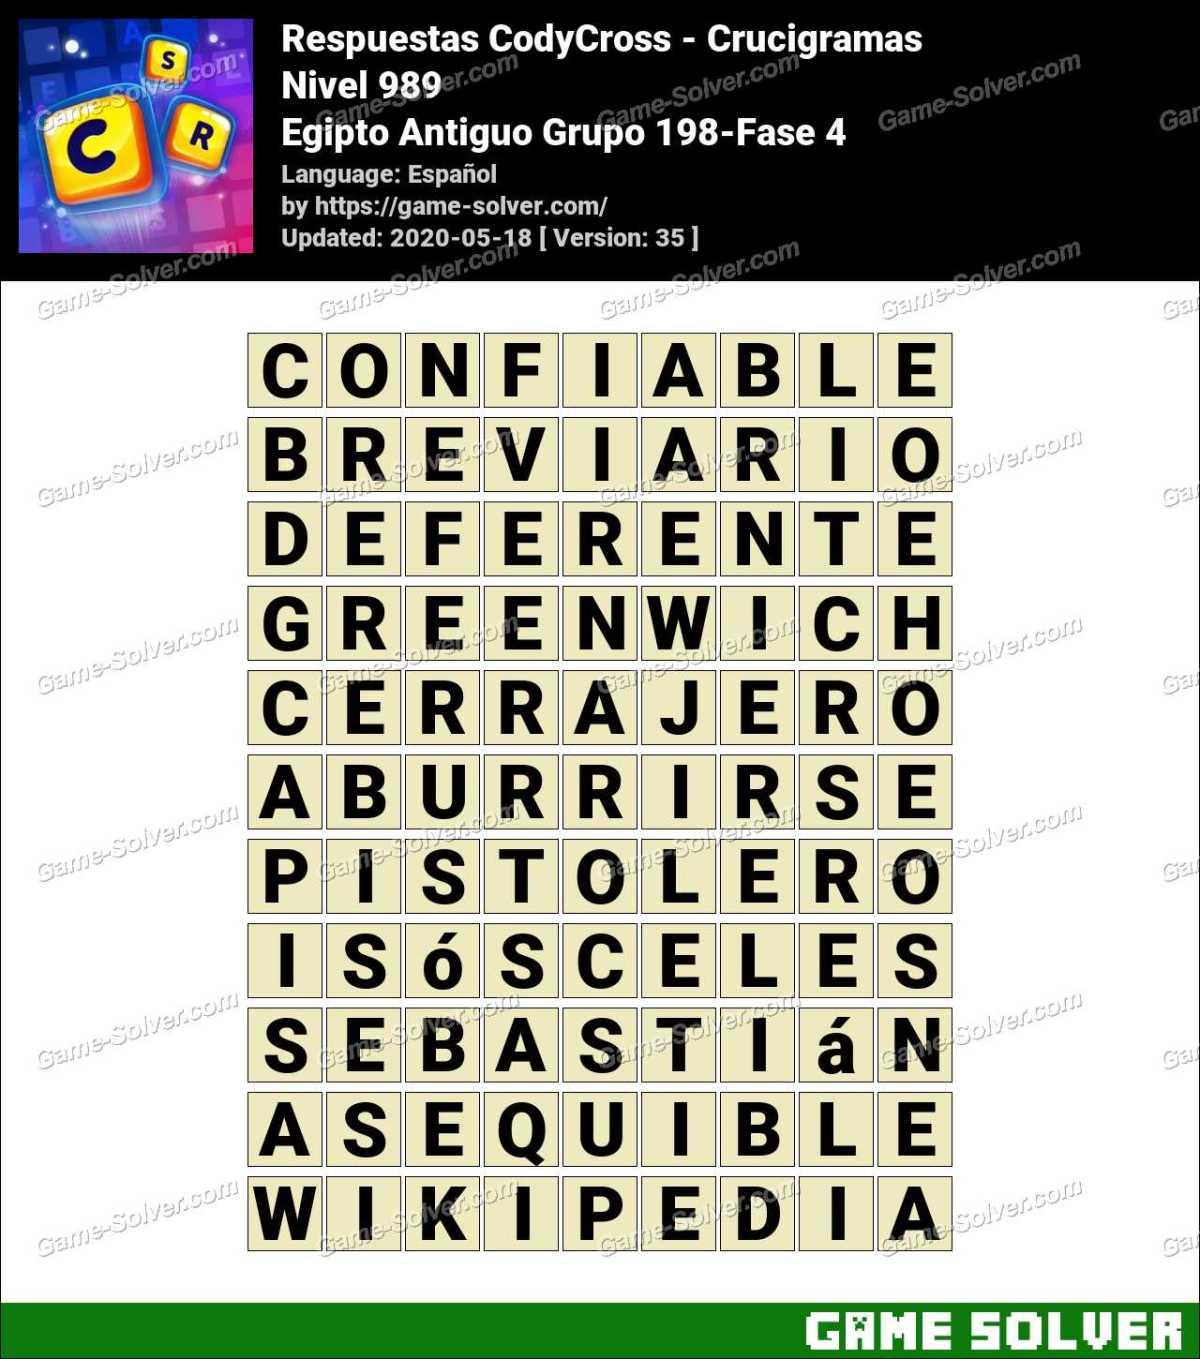 Respuestas CodyCross Egipto Antiguo Grupo 198-Fase 4